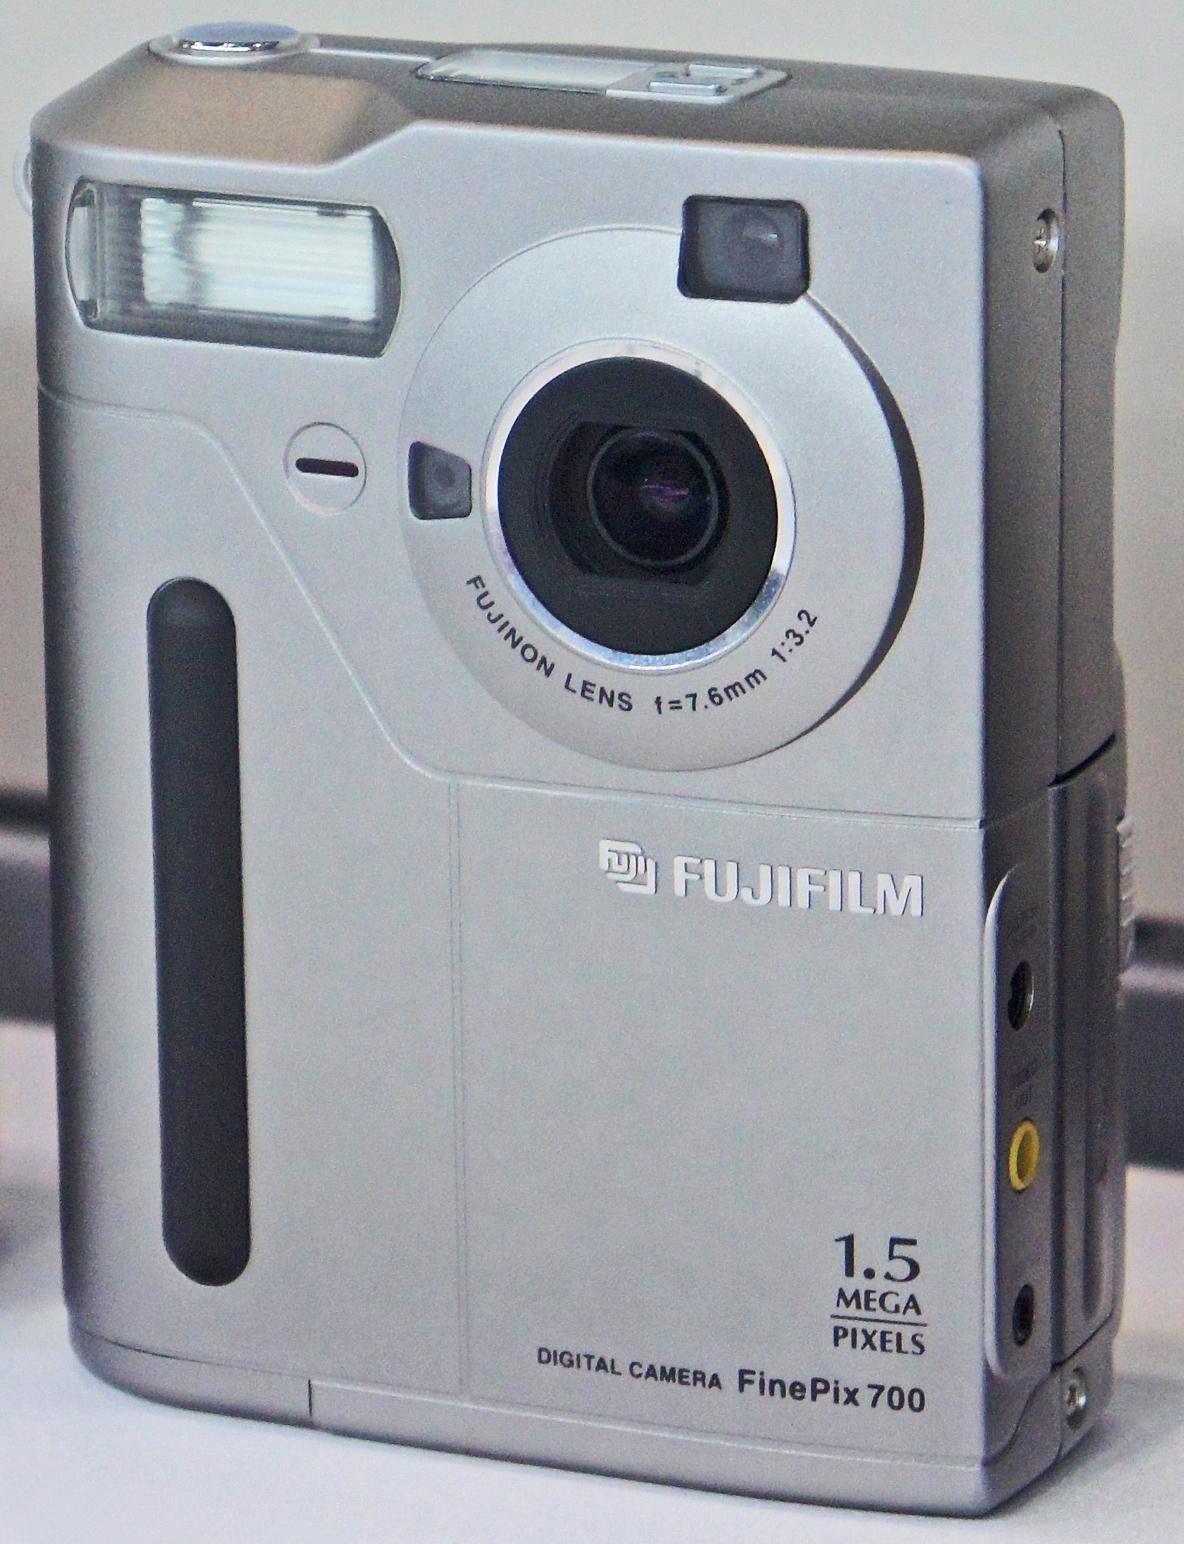 Fujifilm finepix wikipedia for Camera camera camera